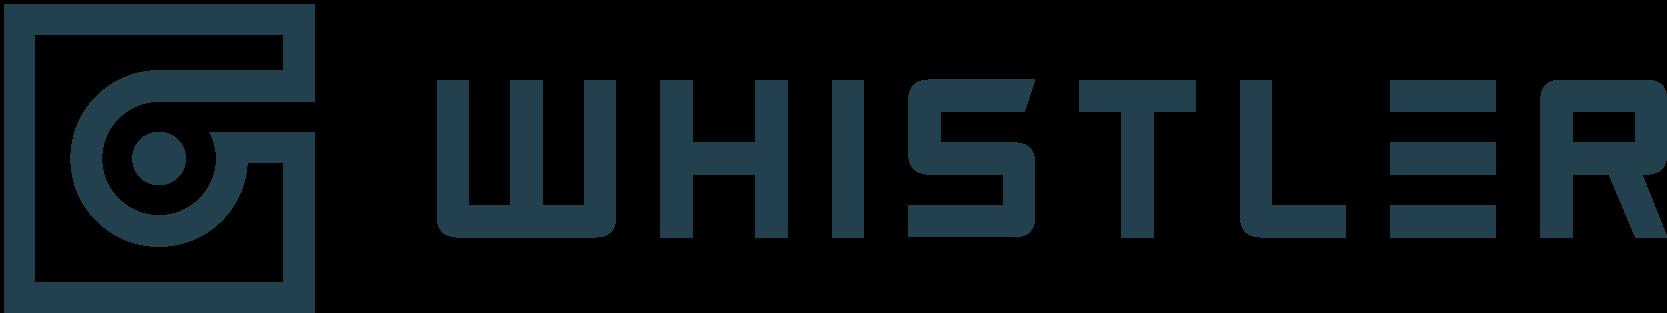 whistler-print-logo (3).png